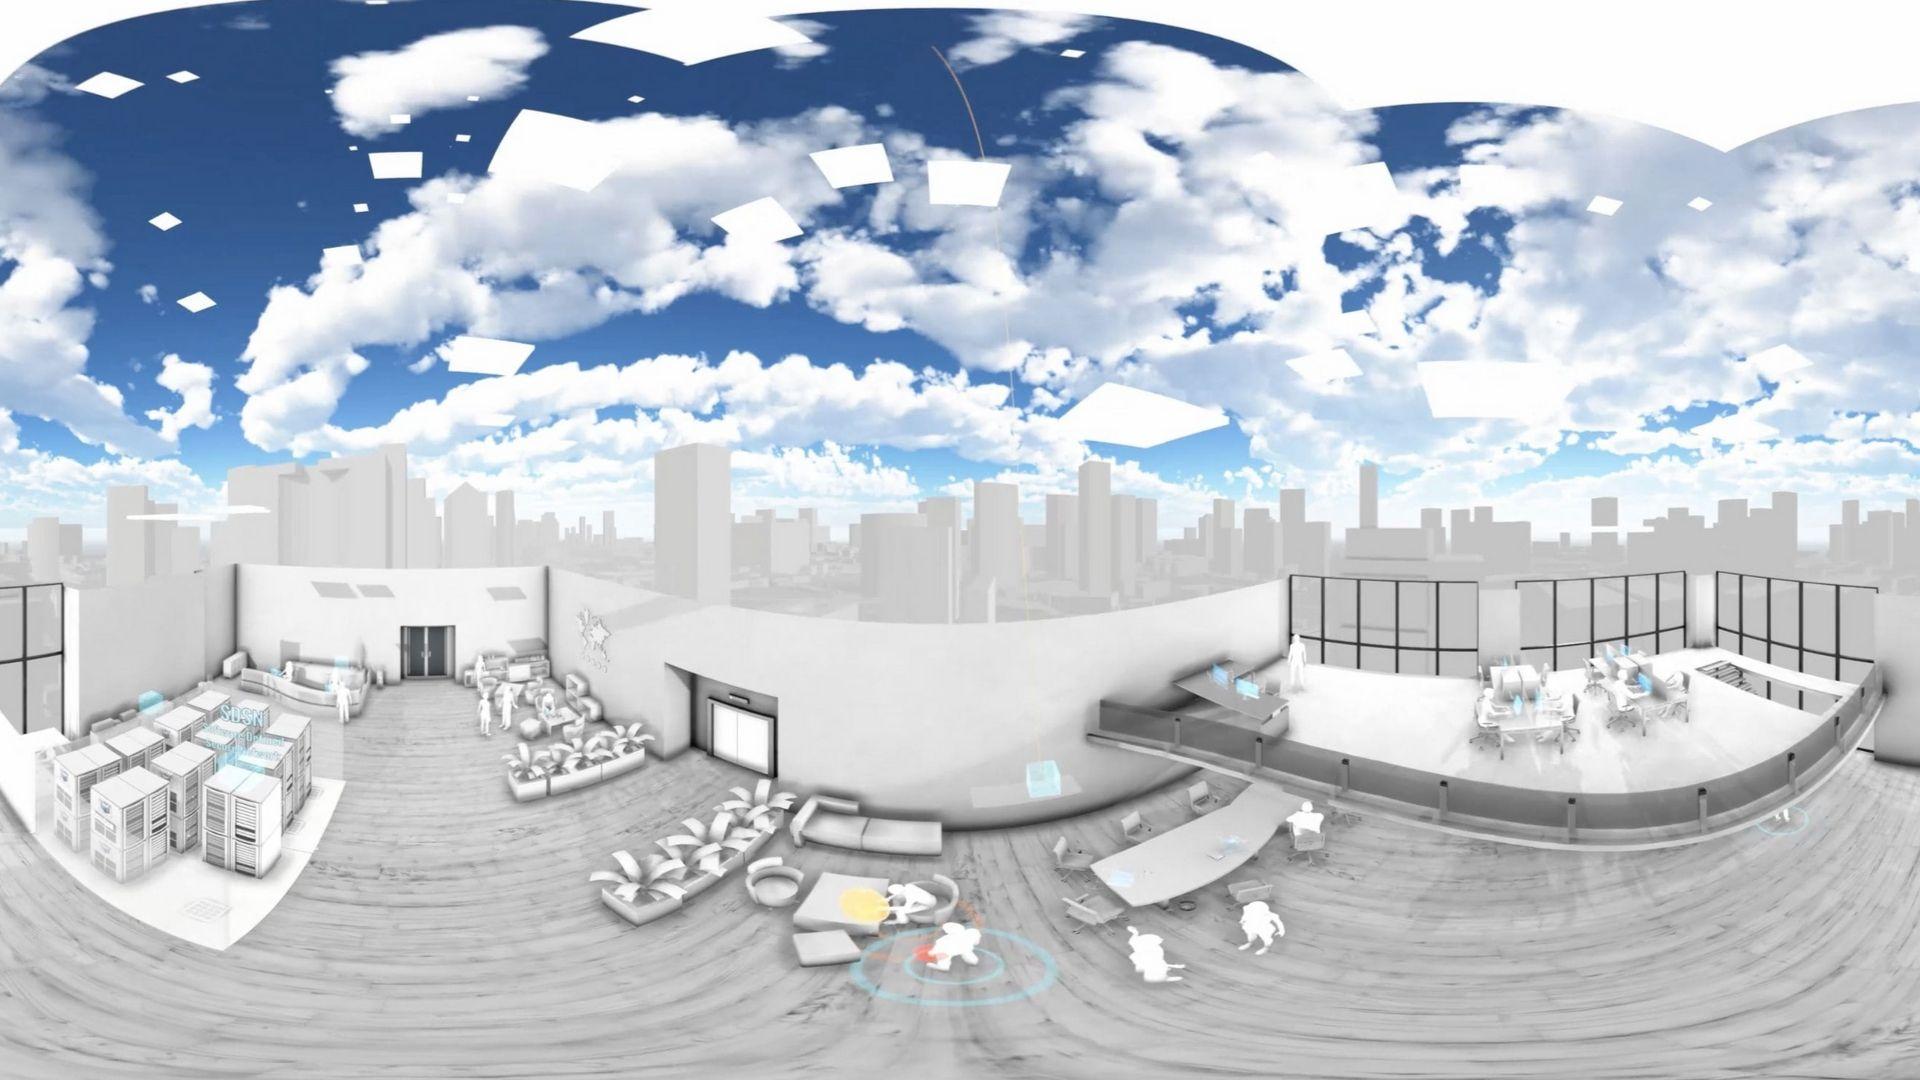 creation video 360° 3D pour communication innovante 02